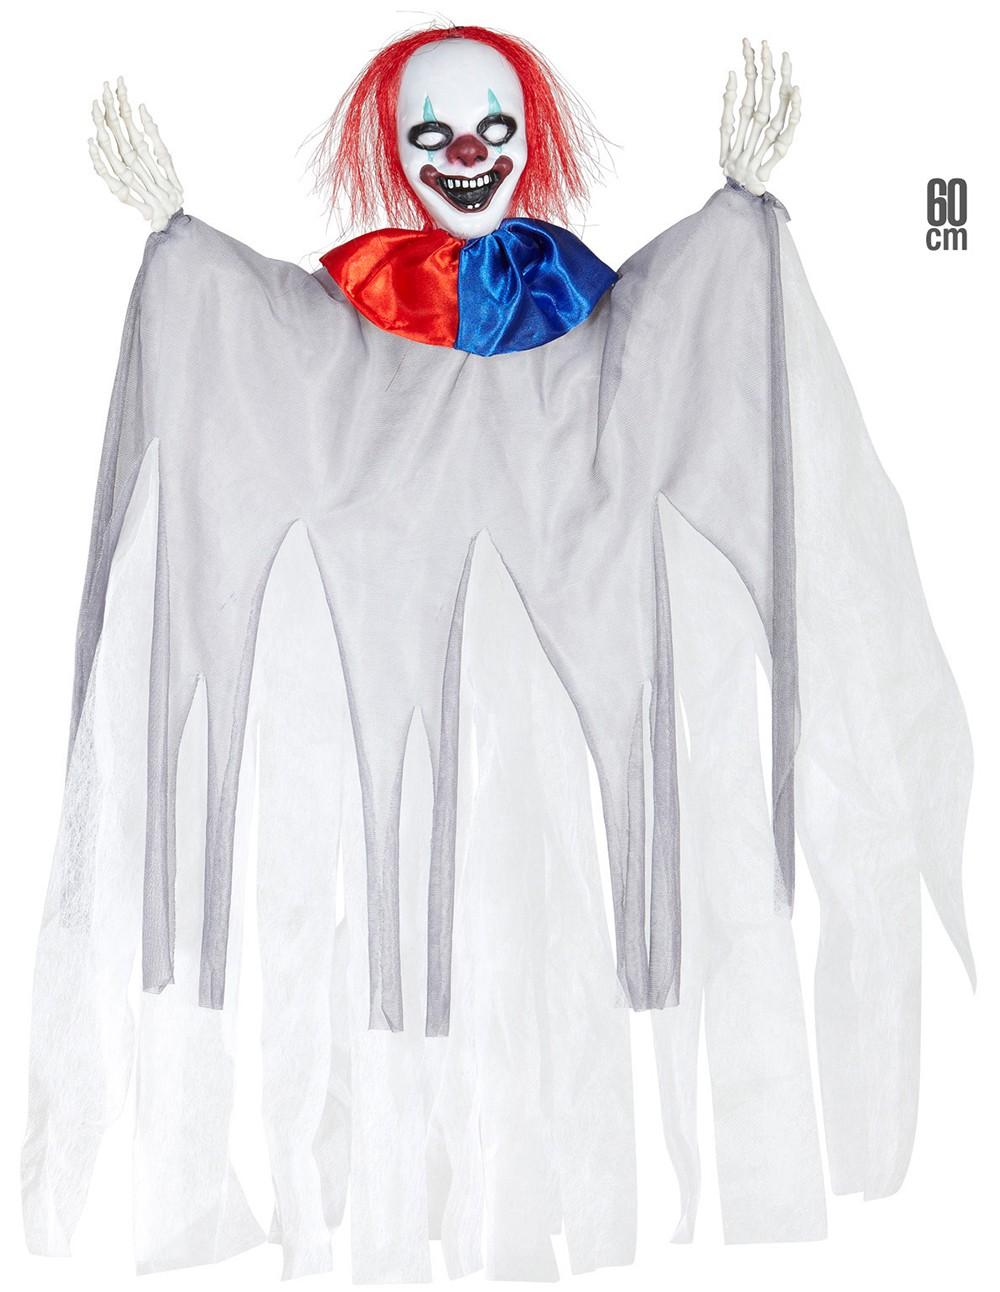 horror clown deko skelett 60cm 1kVUSvrTIGZyTR